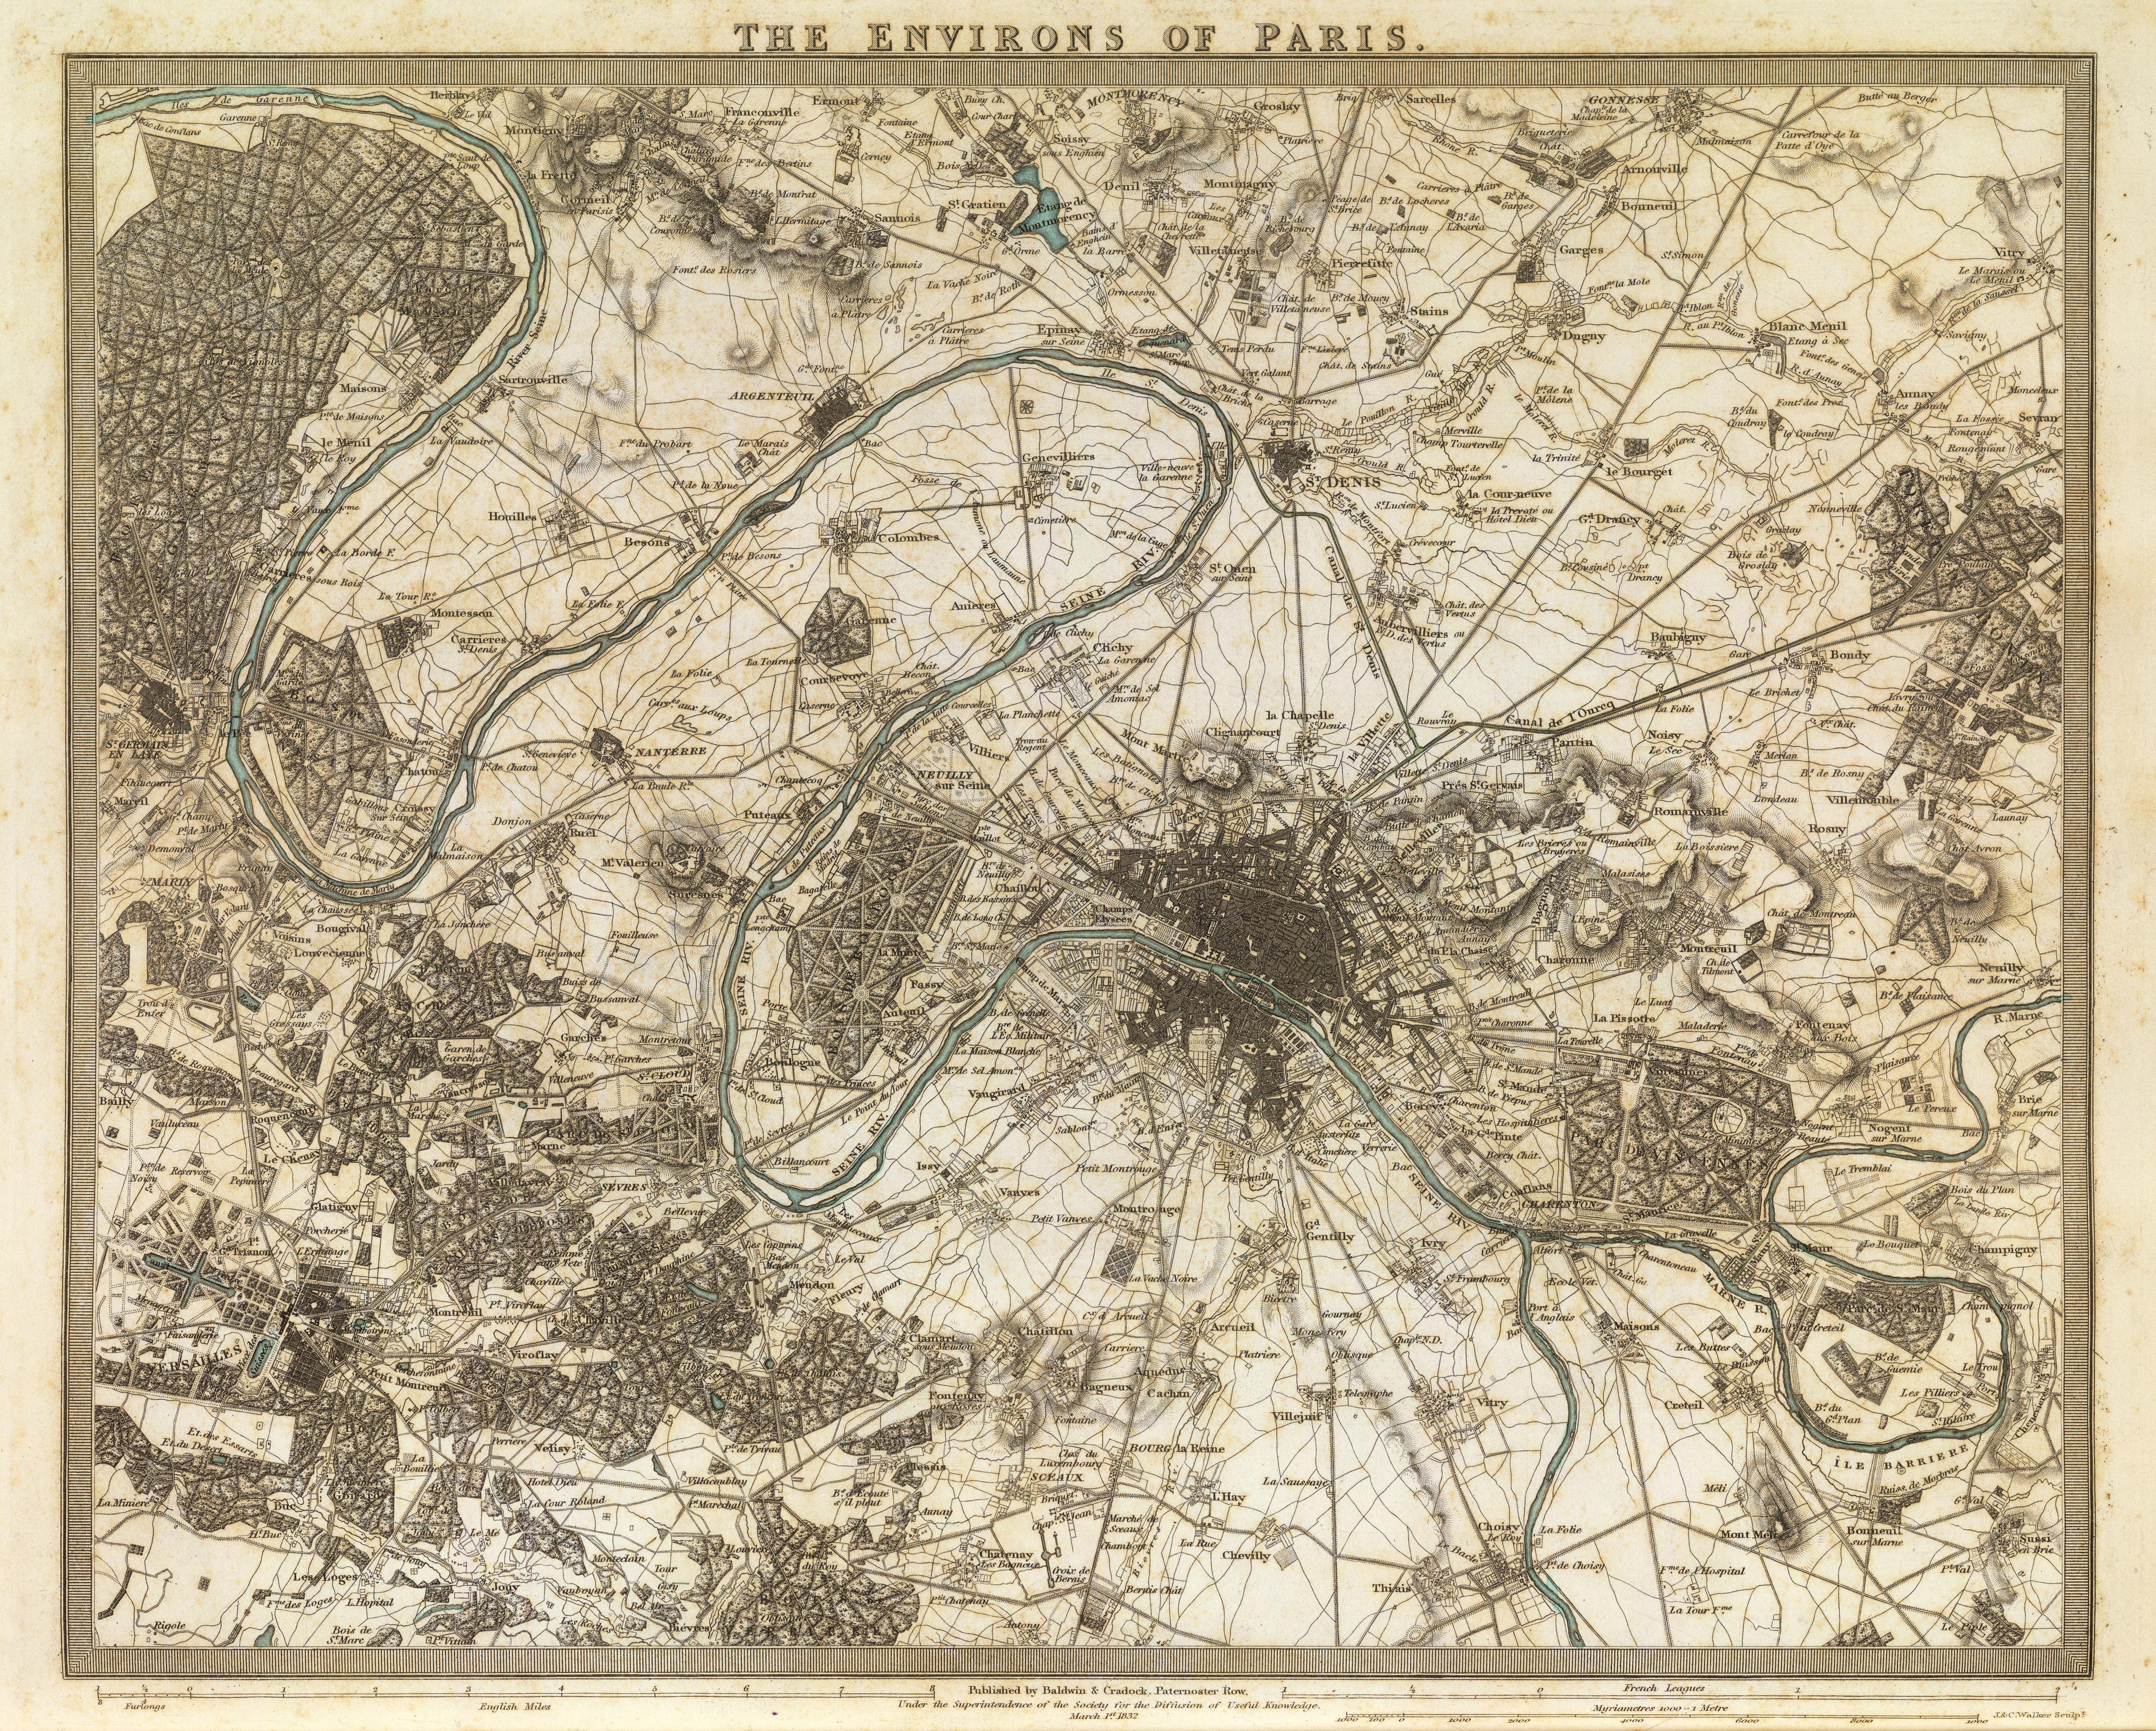 File:SDUK, The environs of Paris, 1832 - David Rumsey.jpg